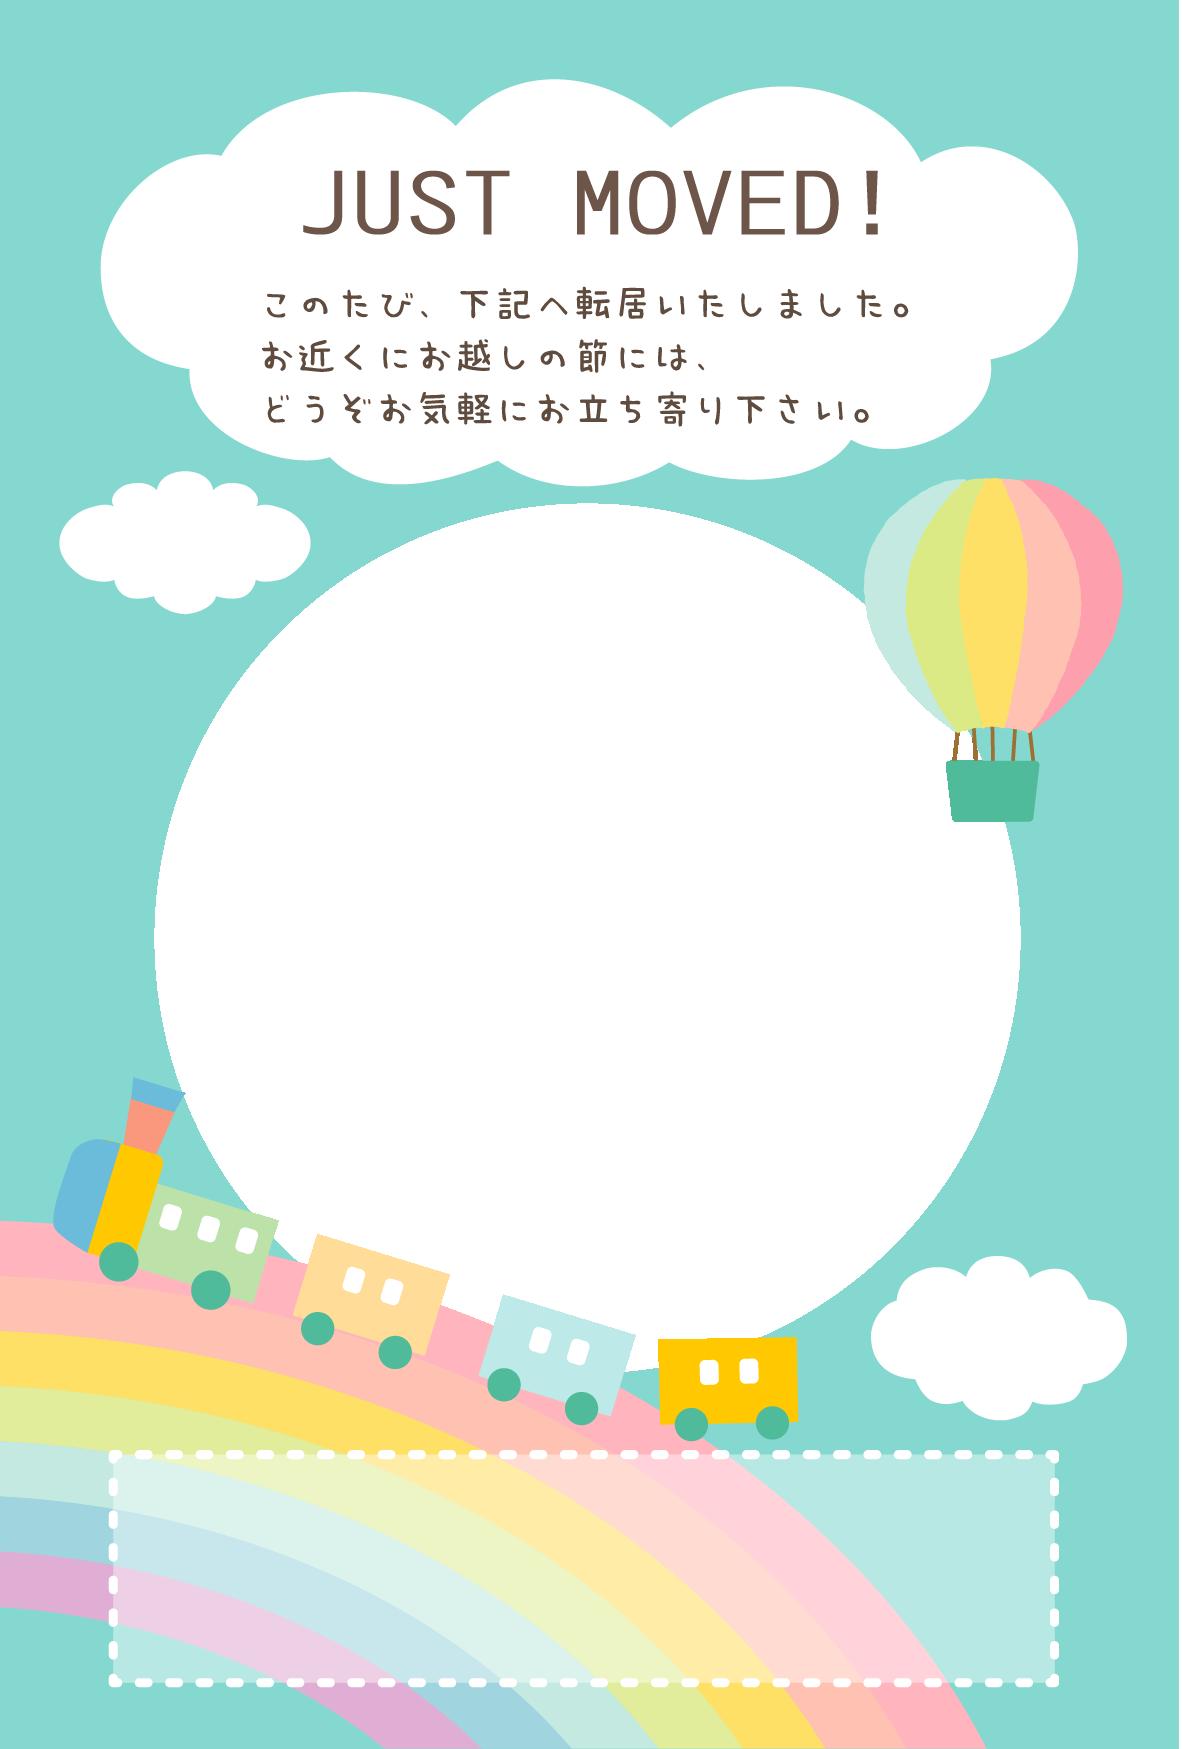 引っ越し報告・お知らせハガキの無料デザインテンプレート⑤